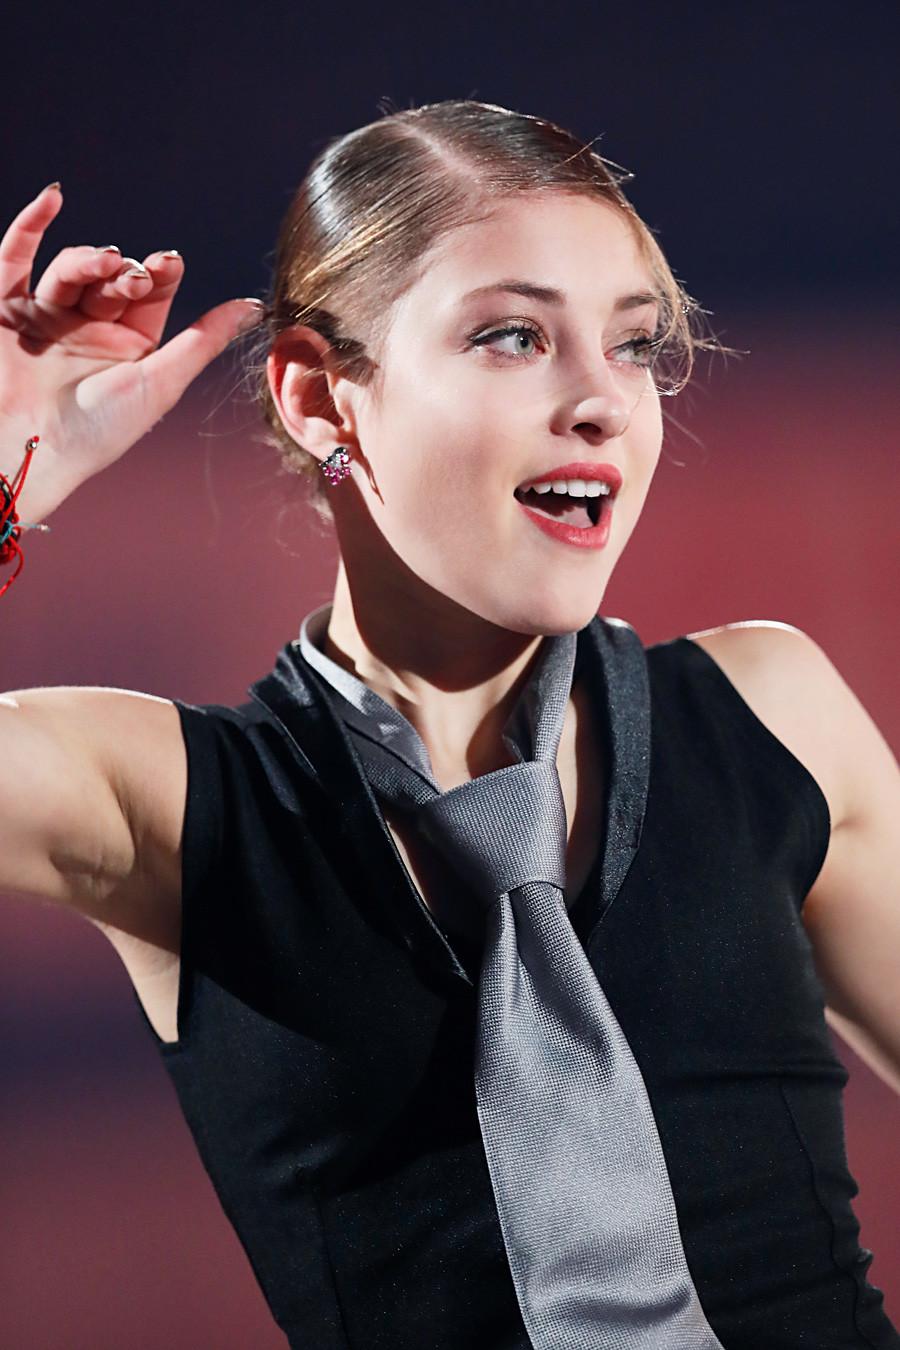 Alena Kostornaia tampil pada gala Grand Prix Seluncur Indah ISU 2019 (Piala NHK) di Jepang.